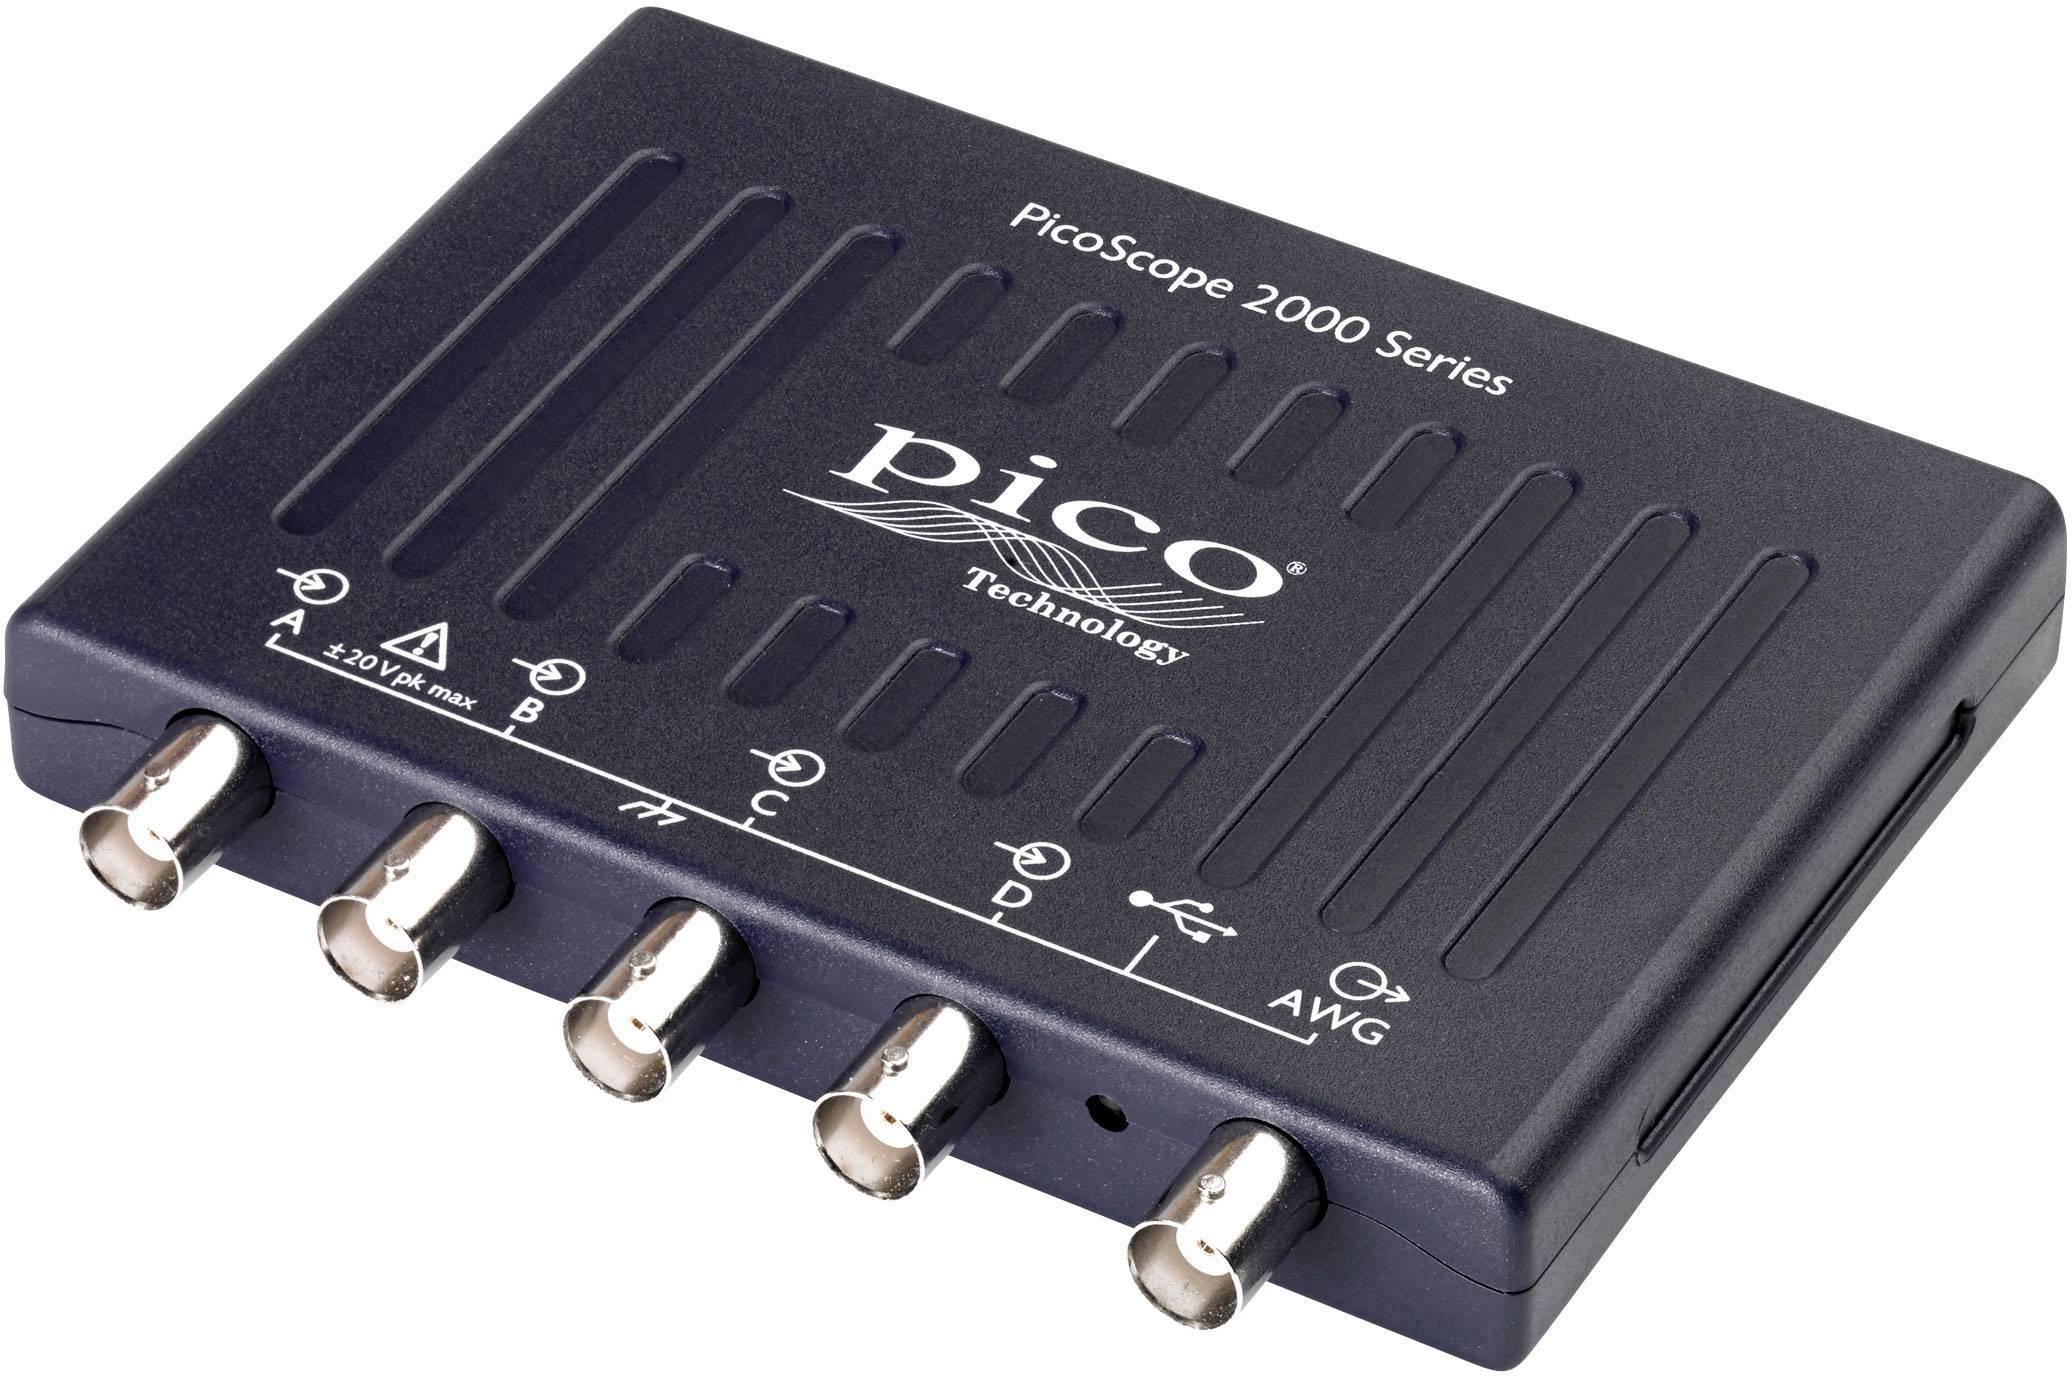 USB osciloskop pico 2406B, 50 MHz, 4kanálový